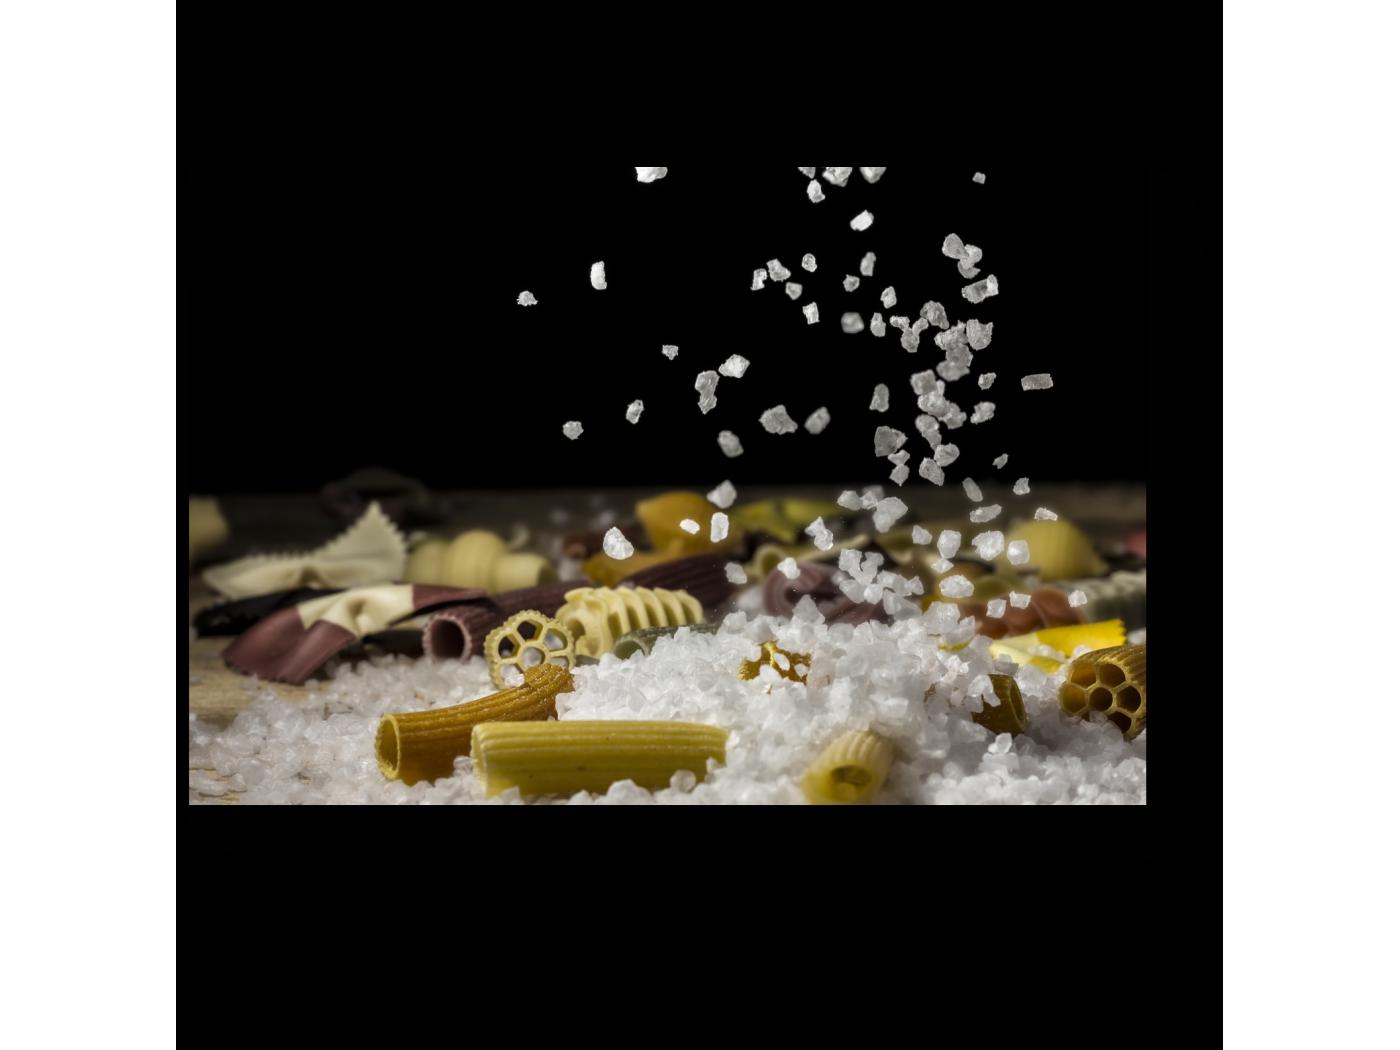 Модульная картина Соленый дождь (30x20) фото